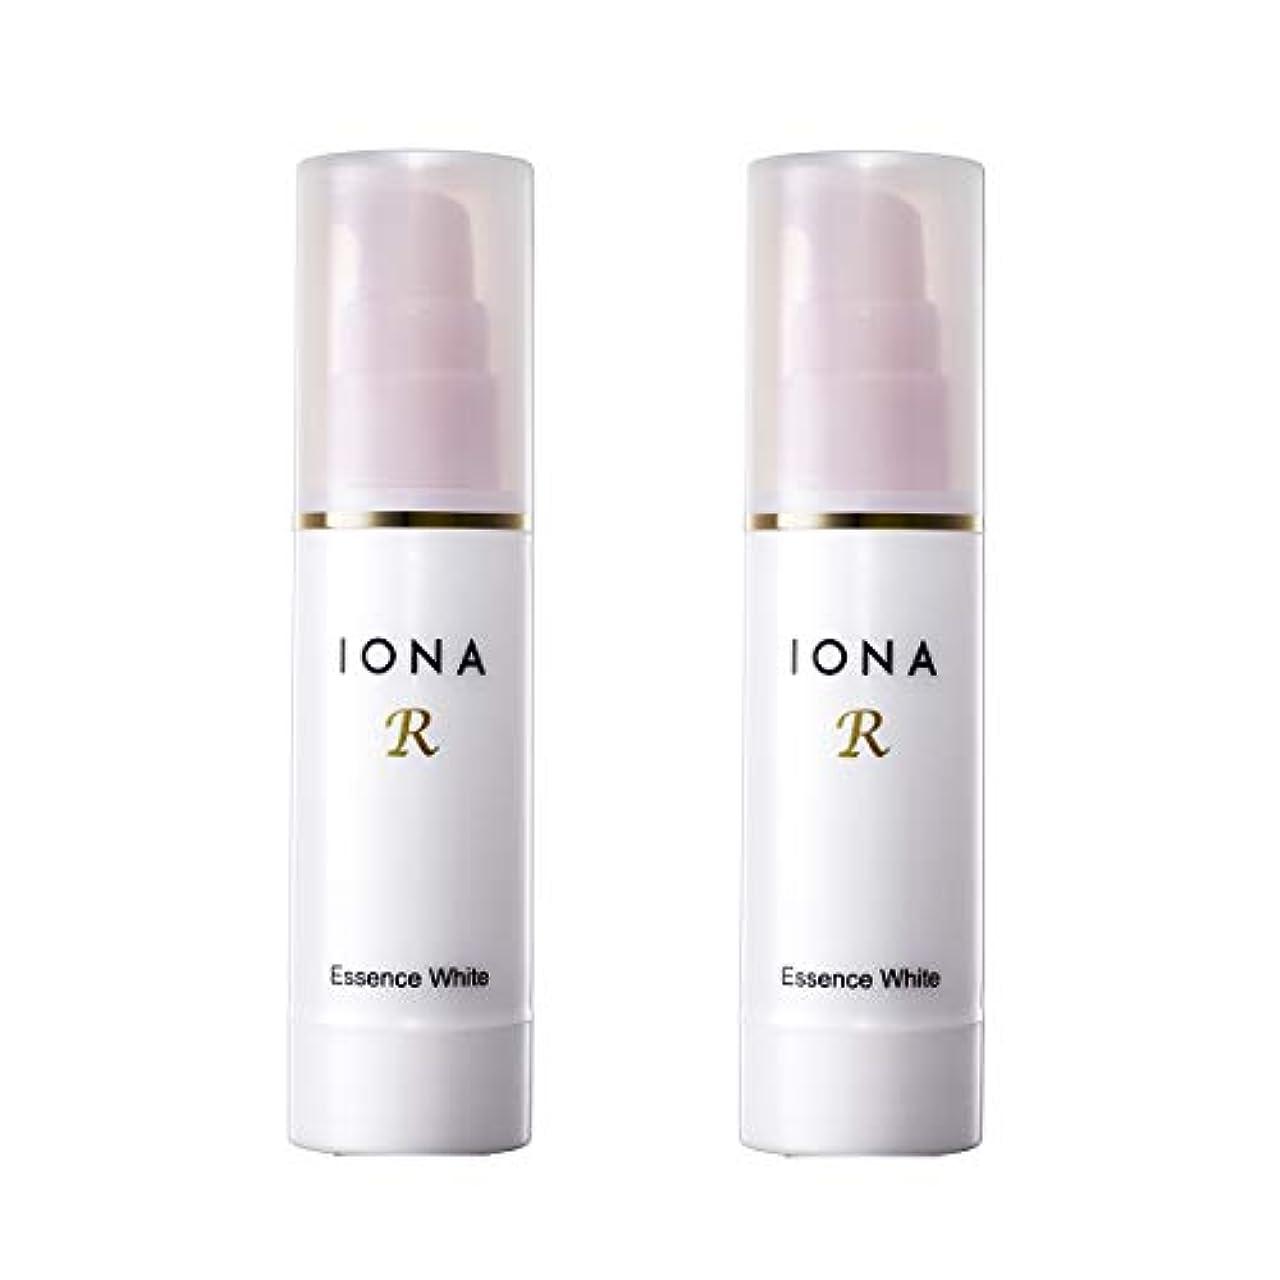 開発理想的には欠席イオナR エッセンスホワイト 美容液 2個セット 【通常価格より20%OFF】高機能ビタミンC配合美容液 IONA R イオナアール イオナのビタミンC